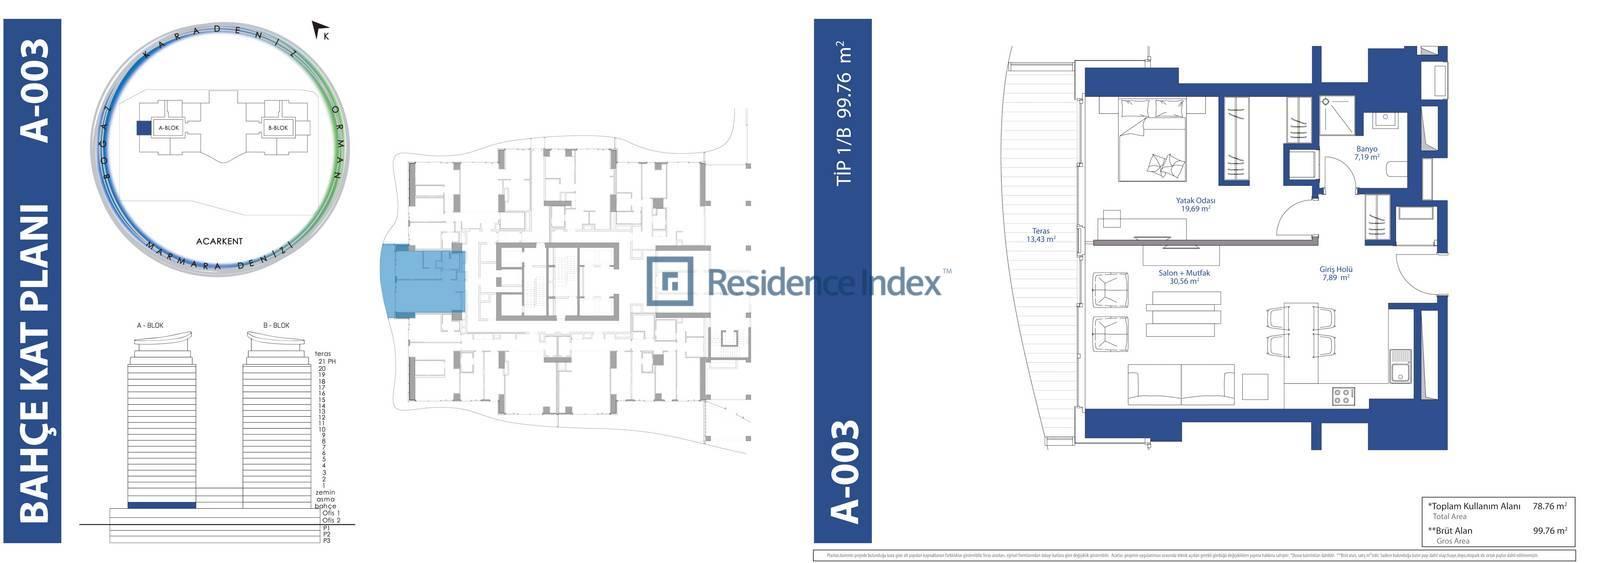 AcarBlu Residence Tip 1B